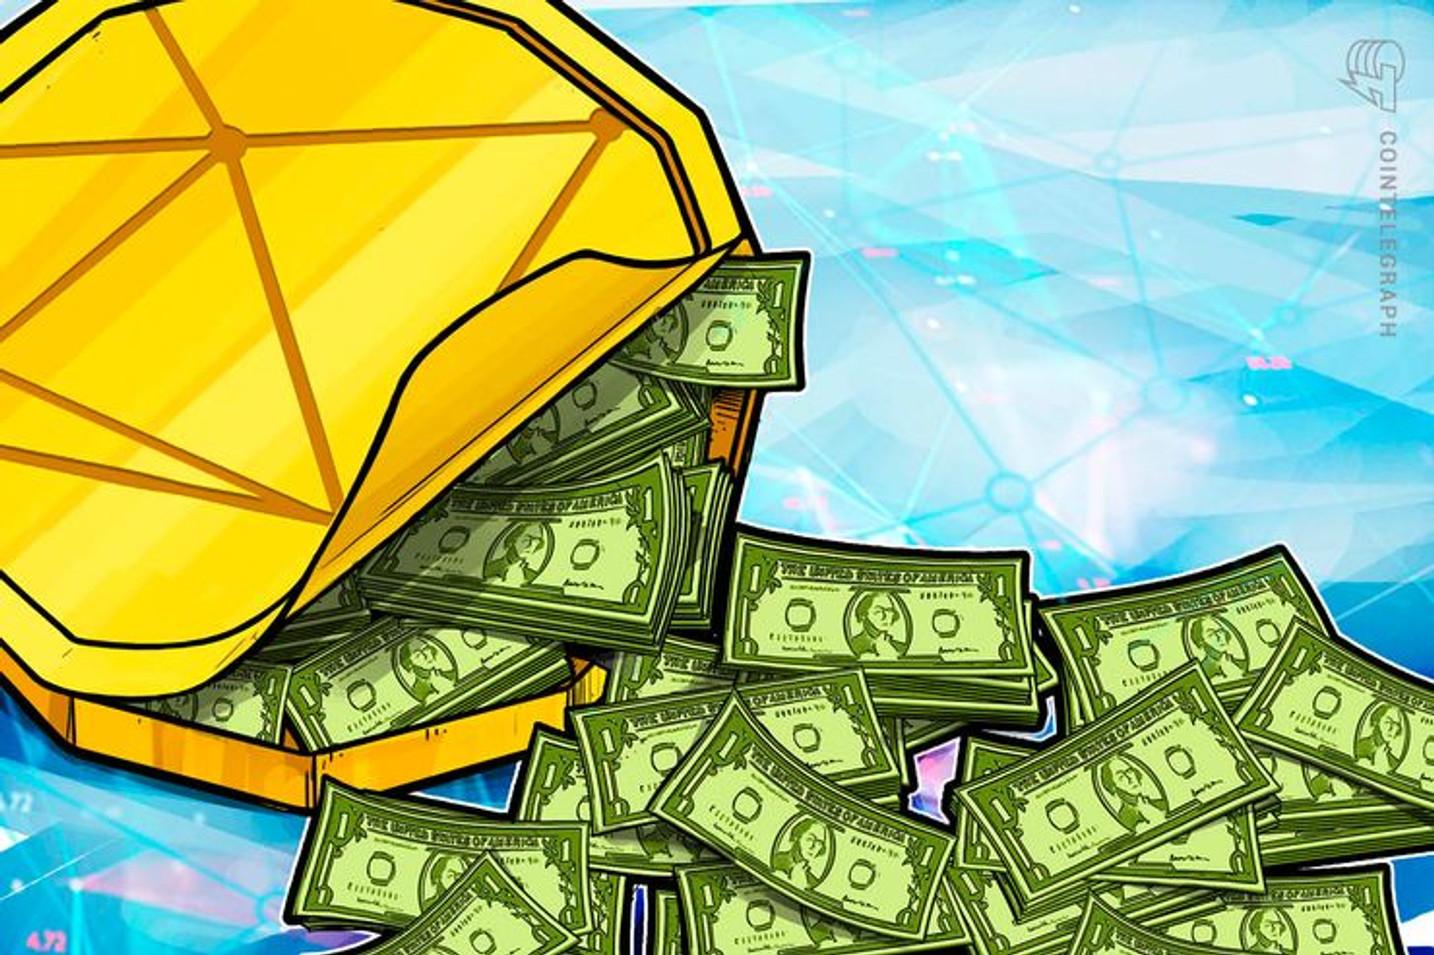 Preparan lanzamiento beta de Plataforma DeFi en Bitcoin, de ahorro colectivo